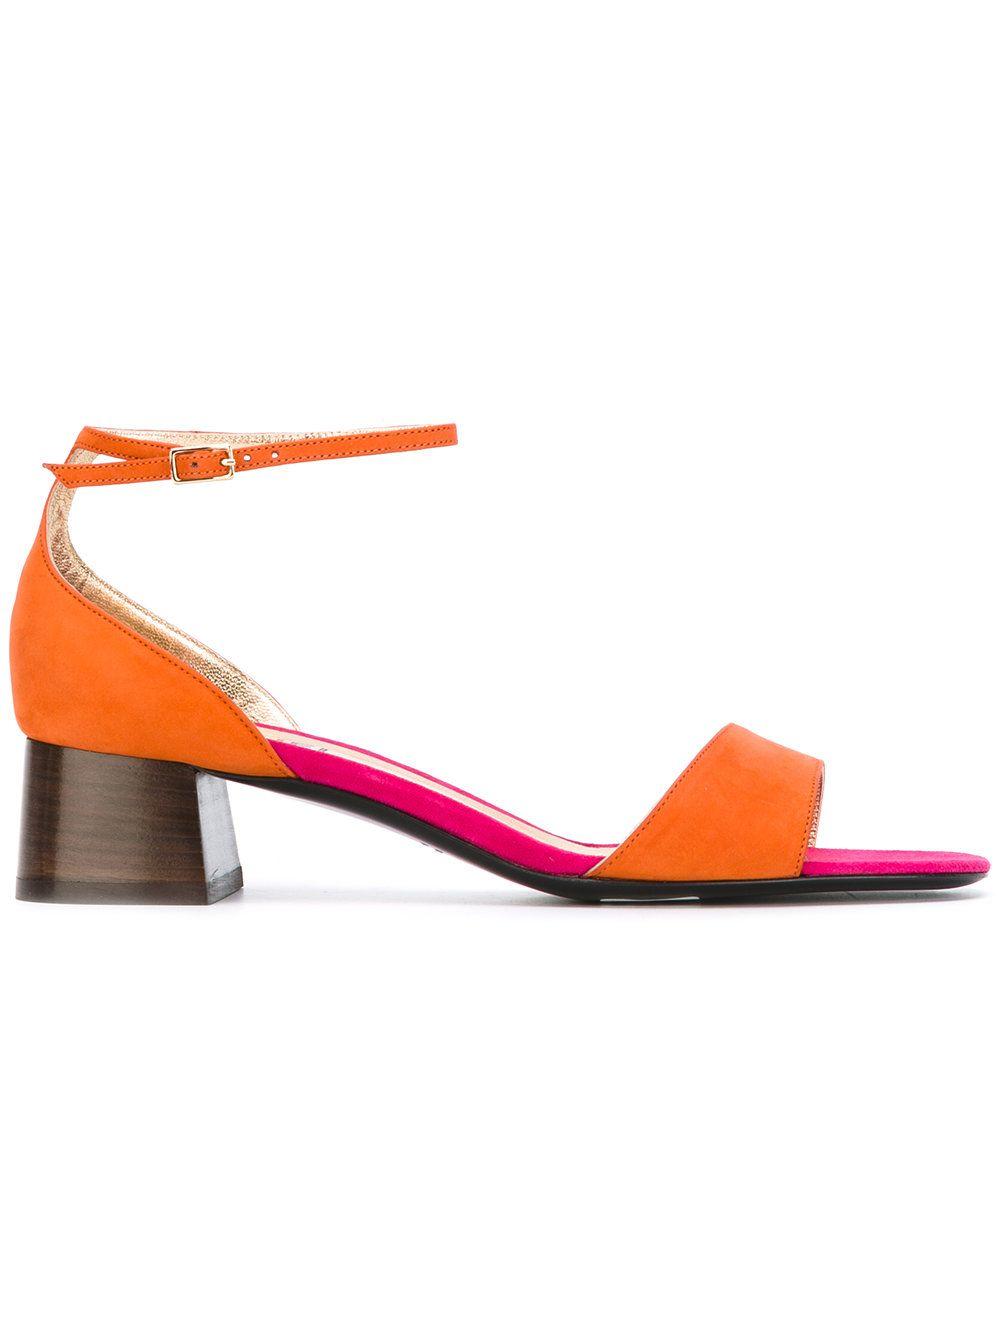 block heel sandals - Yellow & Orange Michel Vivien B9hheW4